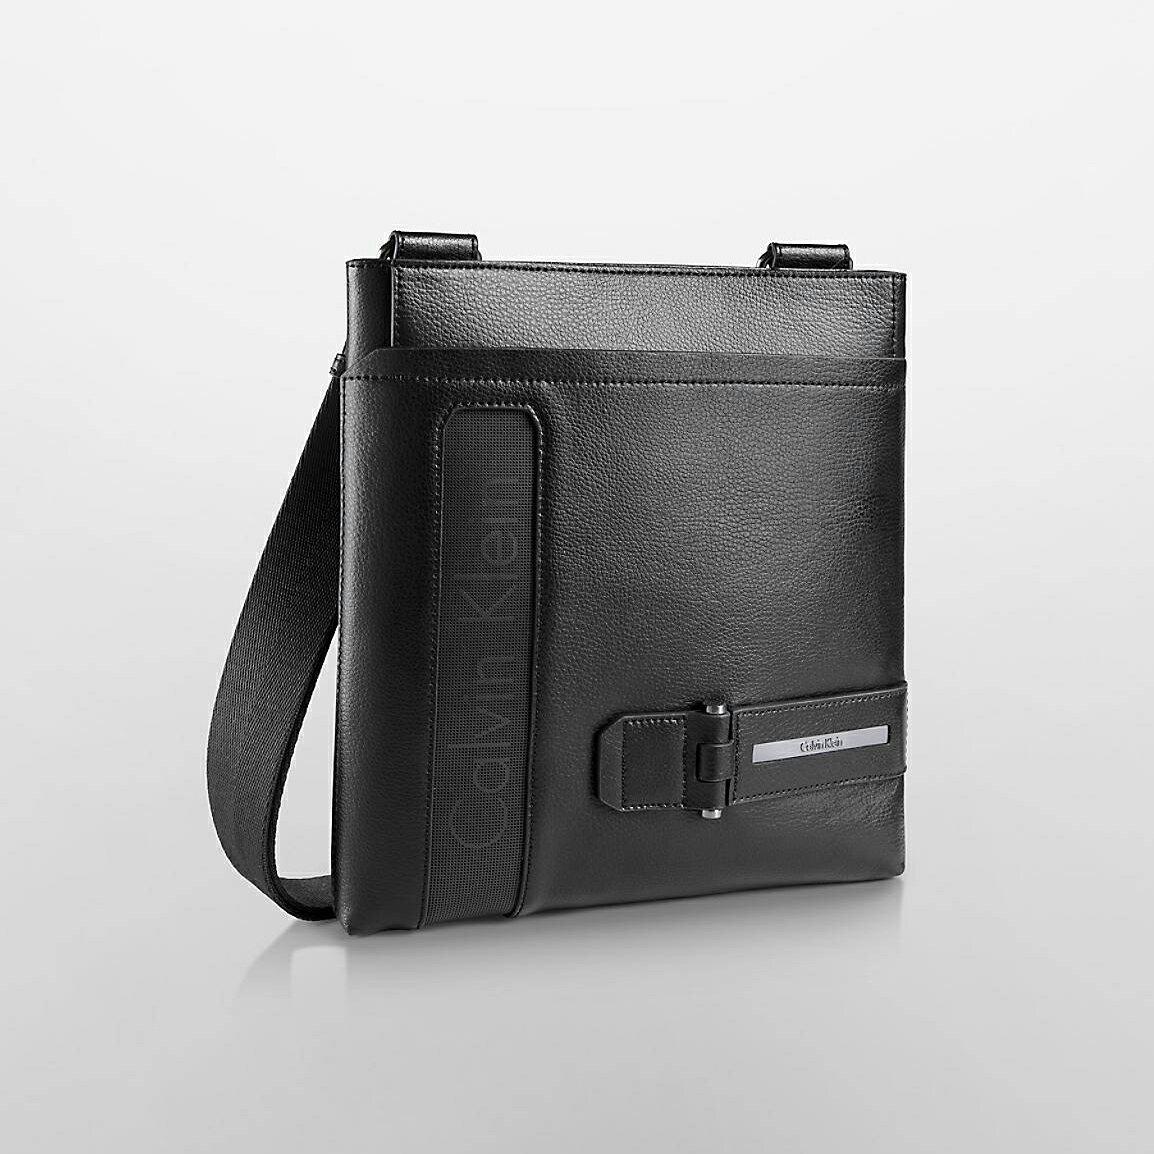 美國百分百【全新真品】Calvin Klein CK 皮質 公事包 肩背包 飛行包 郵差包 側背包 黑色 G272